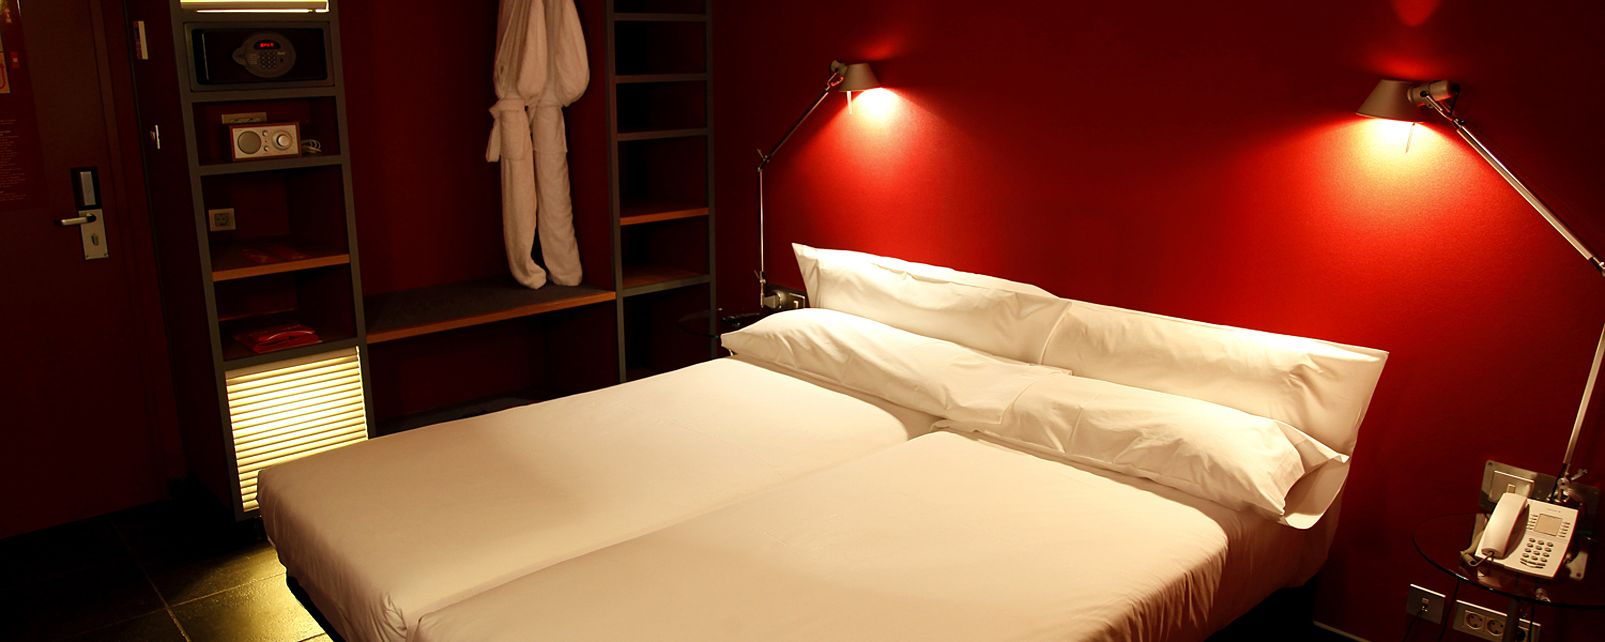 H tel casa camper barcelona barcelone espagne - Hotel casa camper ...